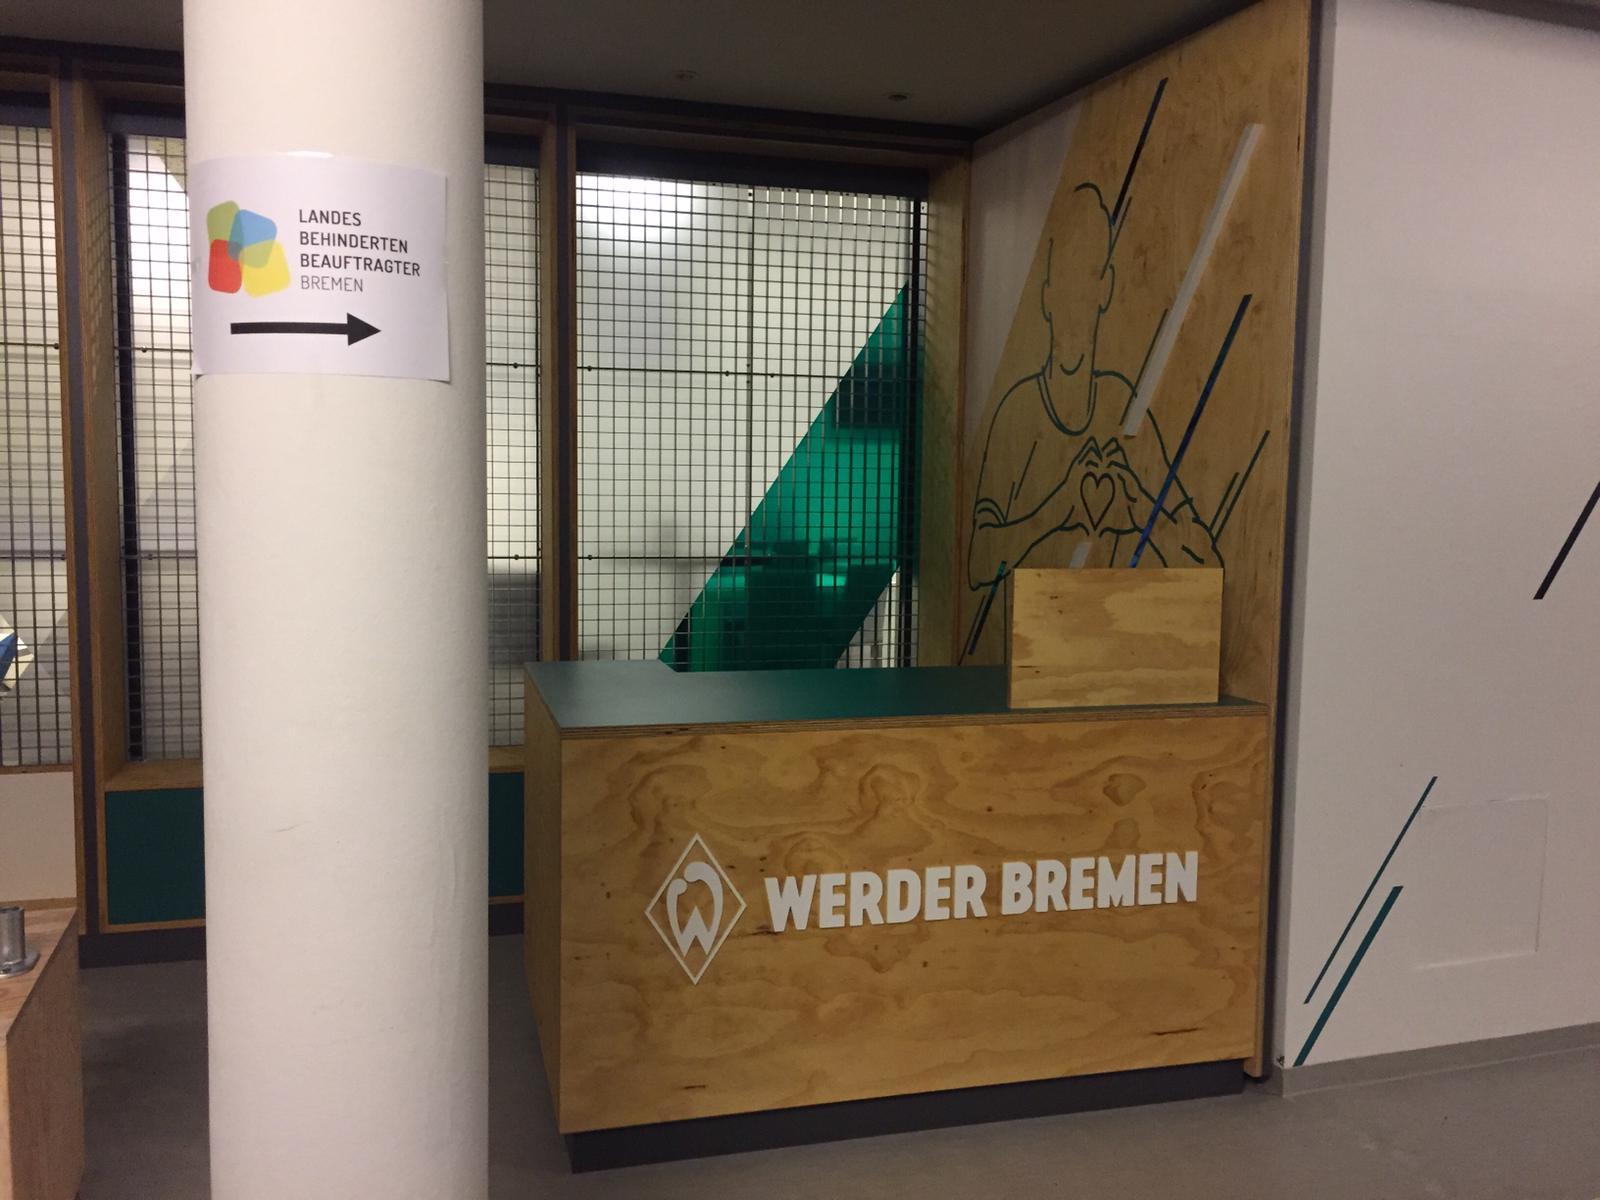 Auf dem Bild sieht man eine Säule, auf der das Logo des Landesbehindertenbeauftragten Bremen als Wegweiser befestigt ist. Die Säule steht neben einer Holzverkleidung mit dem Logo von Werder Bremen.